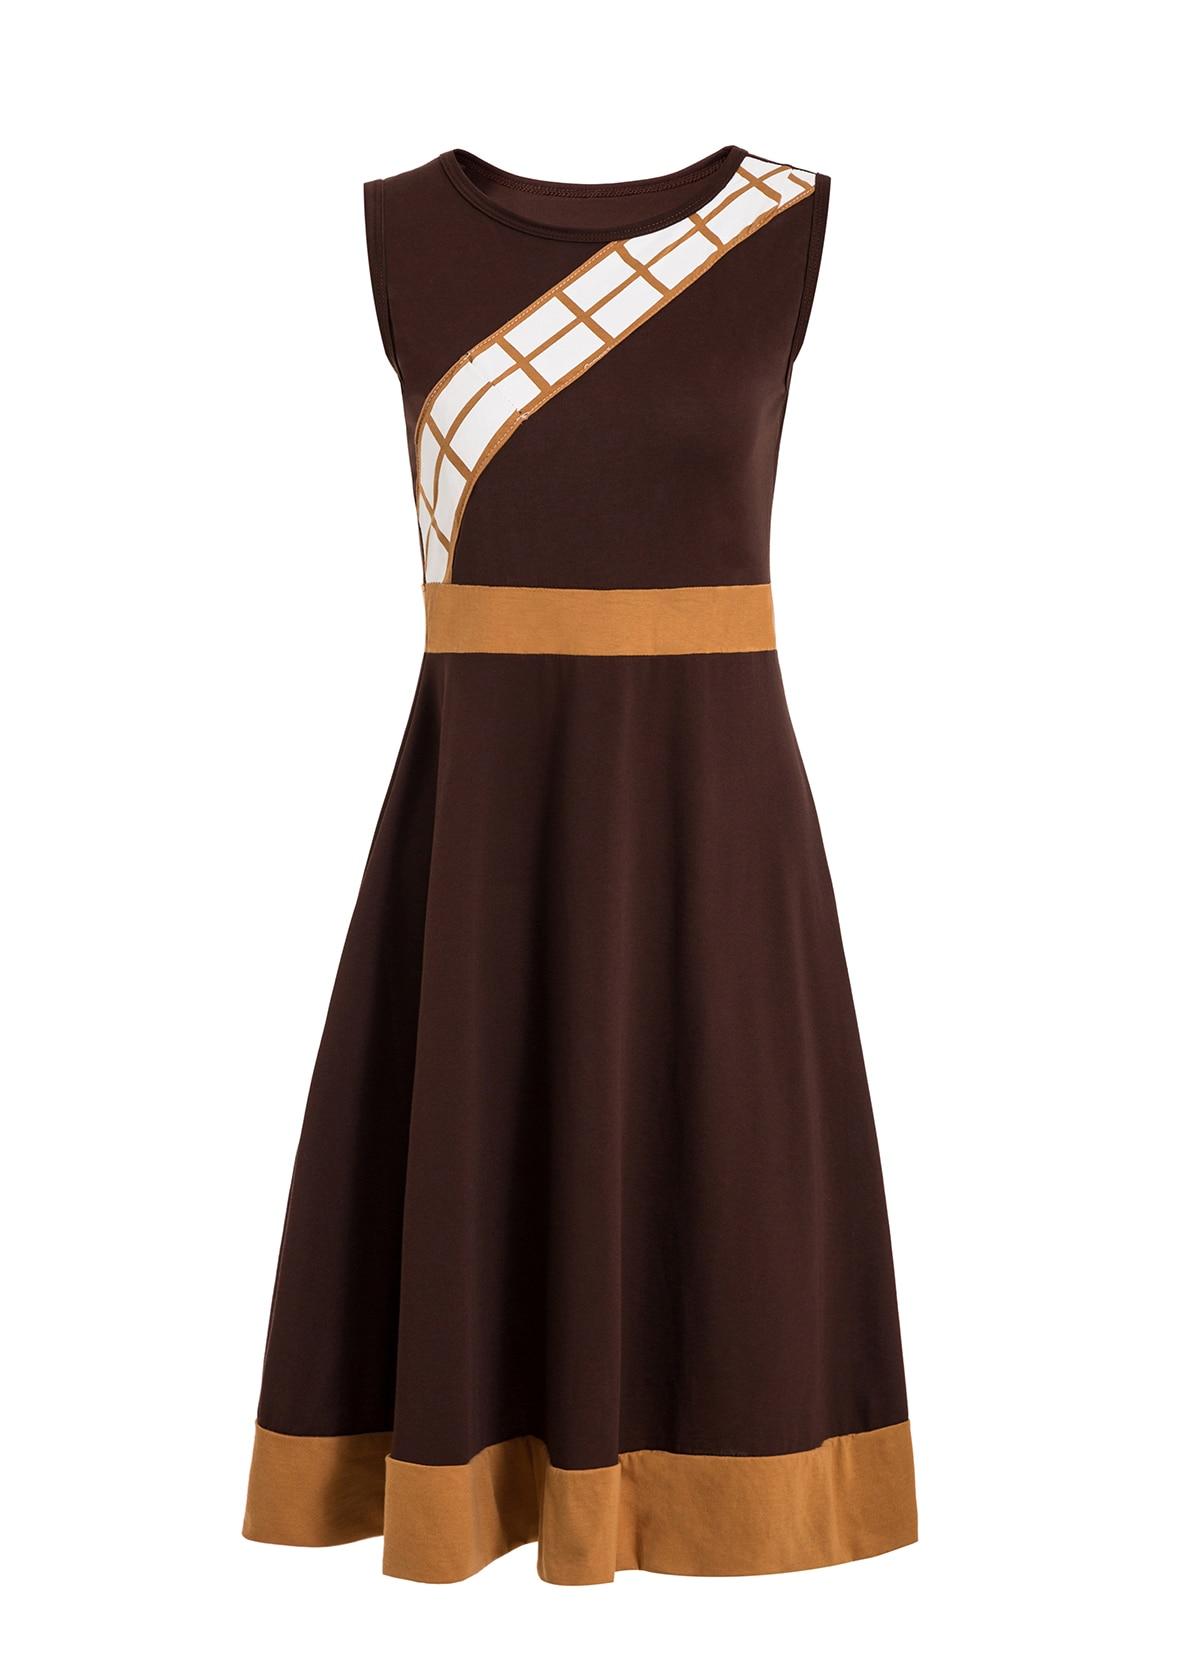 Платье принцессы для взрослых; одинаковый семейный маскарадный костюм «Минни Маус и я»; женское платье принцессы в горошек; большие размеры - Цвет: chewbacca